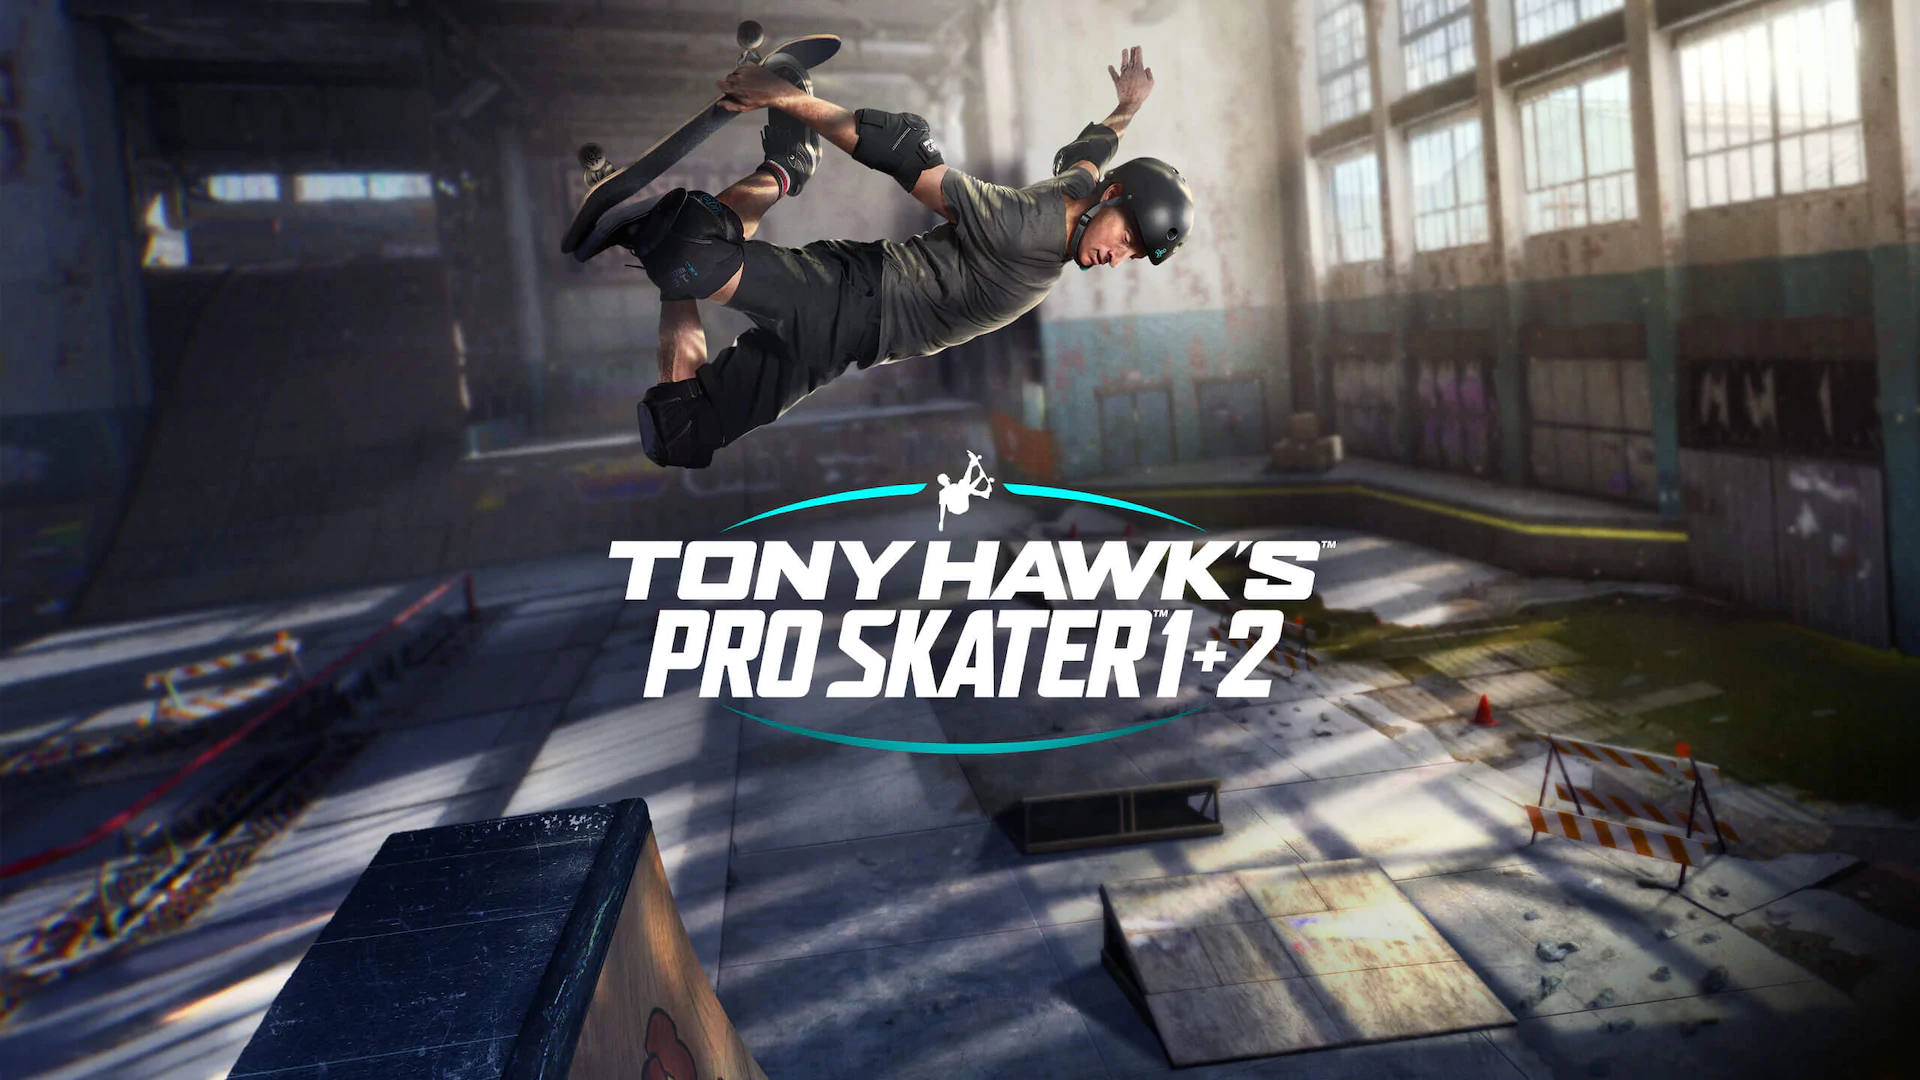 Tony Hawk's Pro Skater 1 + 2 chega ao PS4, Xbox One e PC em 4 de setembro de 2020. (Foto: Divulgação/Activision)